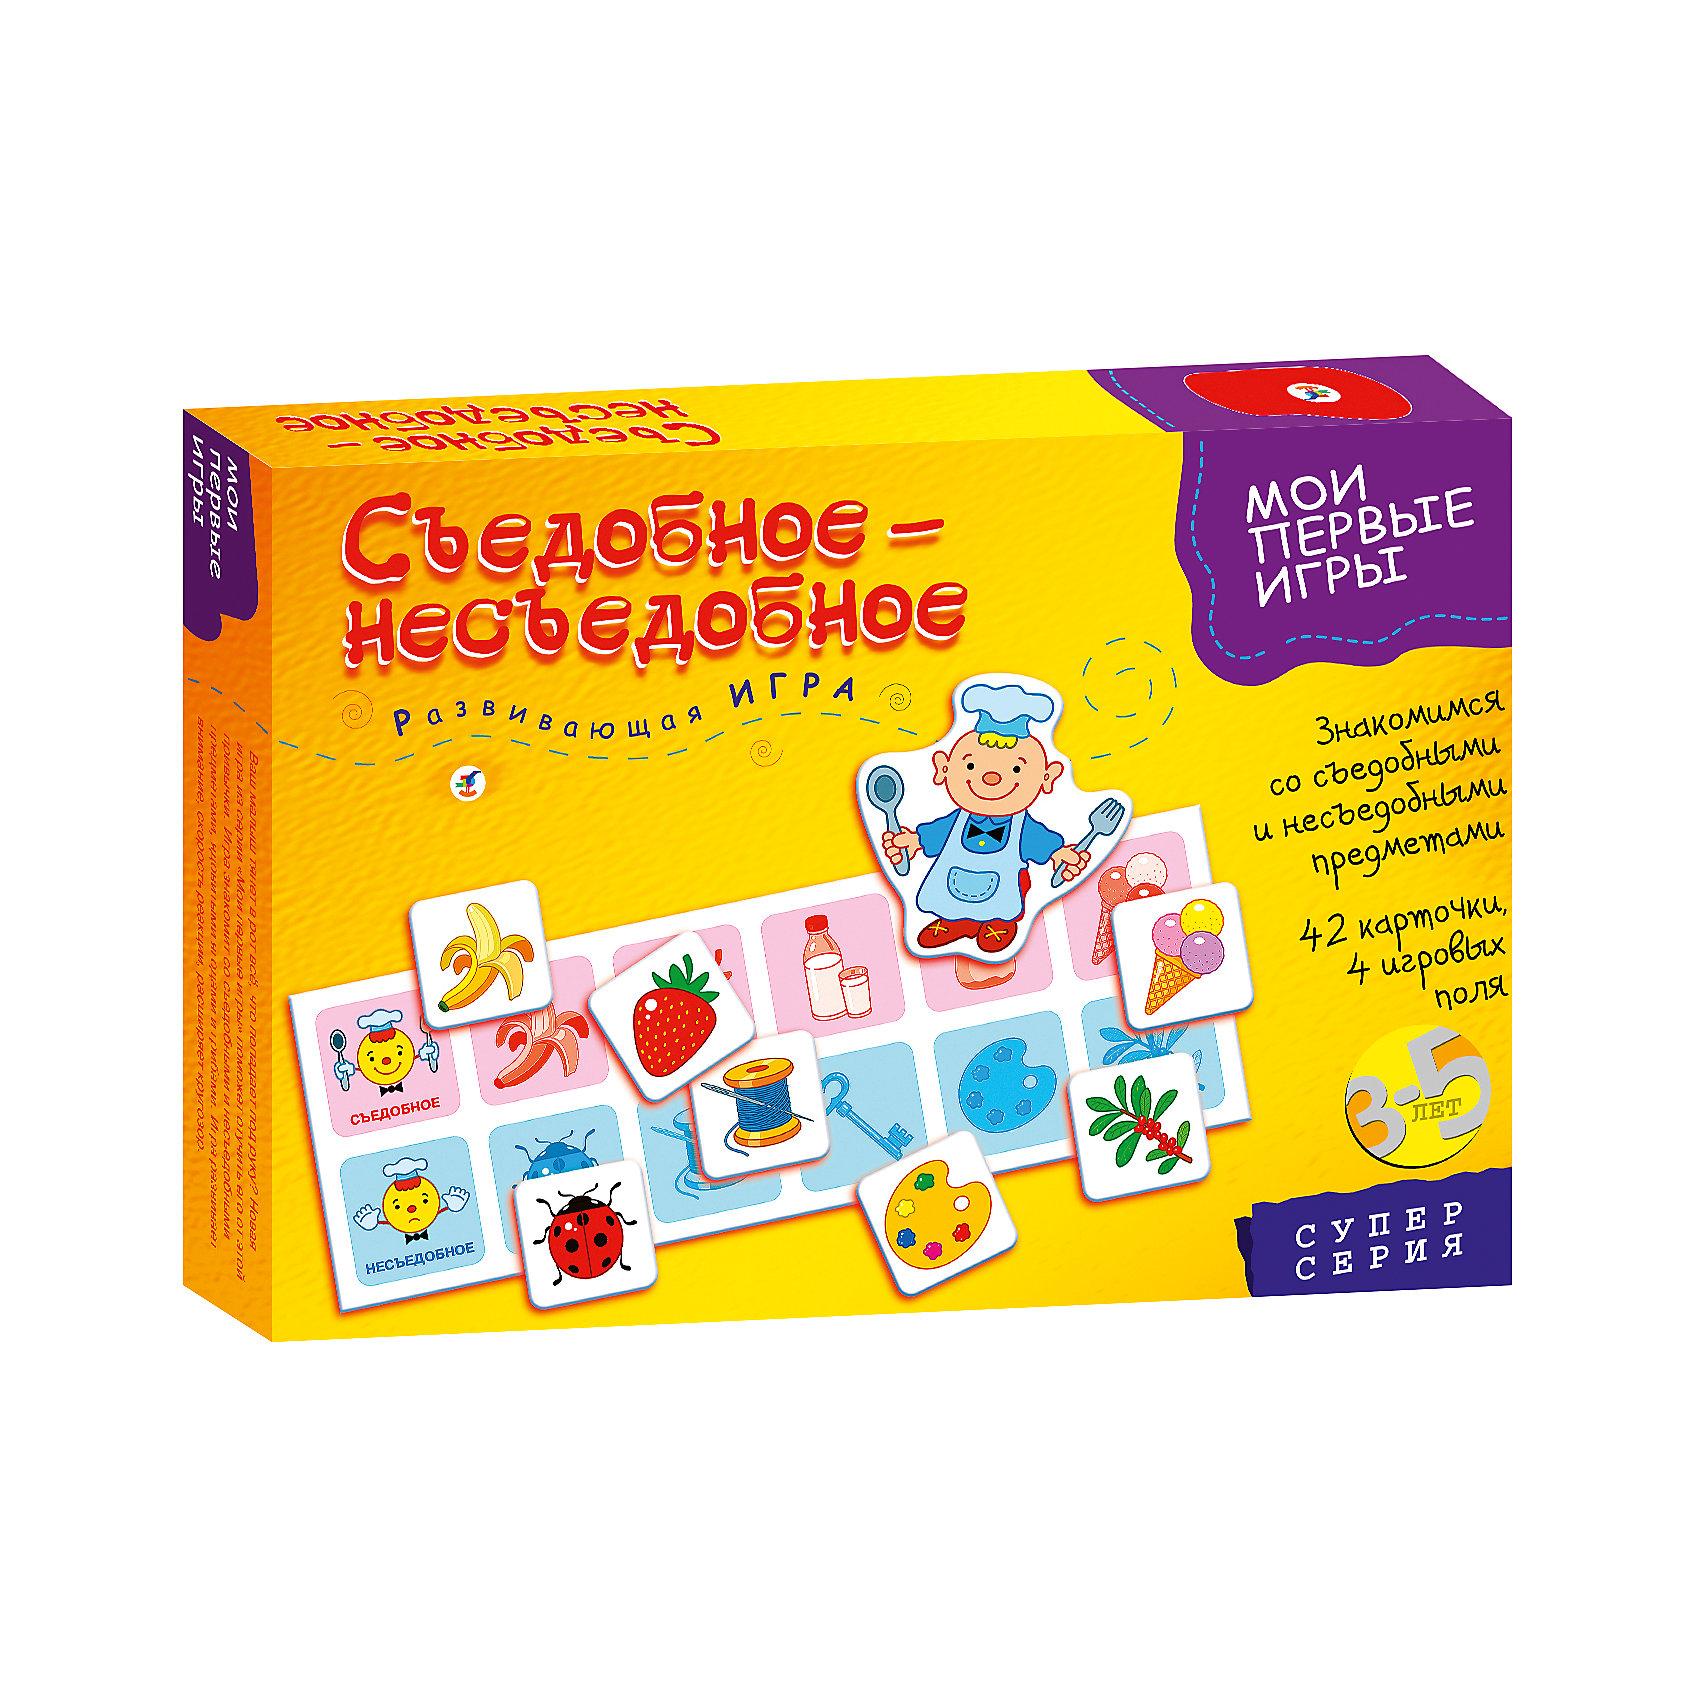 Съедобное-несъедобное Мои первые игры, Дрофа-МедиаРазвивающие игры<br>Съедобное-несъедобное Дрофа-Медиа - увлекательная игра для самых маленьких, которая поможет расширить кругозор и познакомит ребёнка со съедобными и несъедобными предметами. В комплекте Вы найдете четыре игровых поля (для 4 игроков), 40 карточек с изображением съедобных и несъедобных предметов и 2 фигурные карточки с весёлыми человечками. В инструкции предлагается несколько вариантов игры (ознакомительная игра, игра-лото, игра на скорость реакции), общий смысл которых - научить ребенка определять съедобные и несъедобные предметы. Игра развивает внимание, логическое мышление, скорость реакции, расширяет кругозор. Для детей 3-5 лет.<br><br>Дополнительная информация:<br><br>- Серия: Мои первые игры.<br>- В комплекте: 42 карточки, 4 игровых поля.<br>- Материал: картон.<br>- Размер упаковки: 19,5 x 28 x 3,5 см.<br>- Вес: 125 гр.<br><br>Игру Съедобное-несъедобное, Мои первые игры, Дрофа-Медиа, можно купить в нашем интернет-магазине.<br><br>Ширина мм: 280<br>Глубина мм: 195<br>Высота мм: 35<br>Вес г: 125<br>Возраст от месяцев: 36<br>Возраст до месяцев: 84<br>Пол: Унисекс<br>Возраст: Детский<br>SKU: 4533297